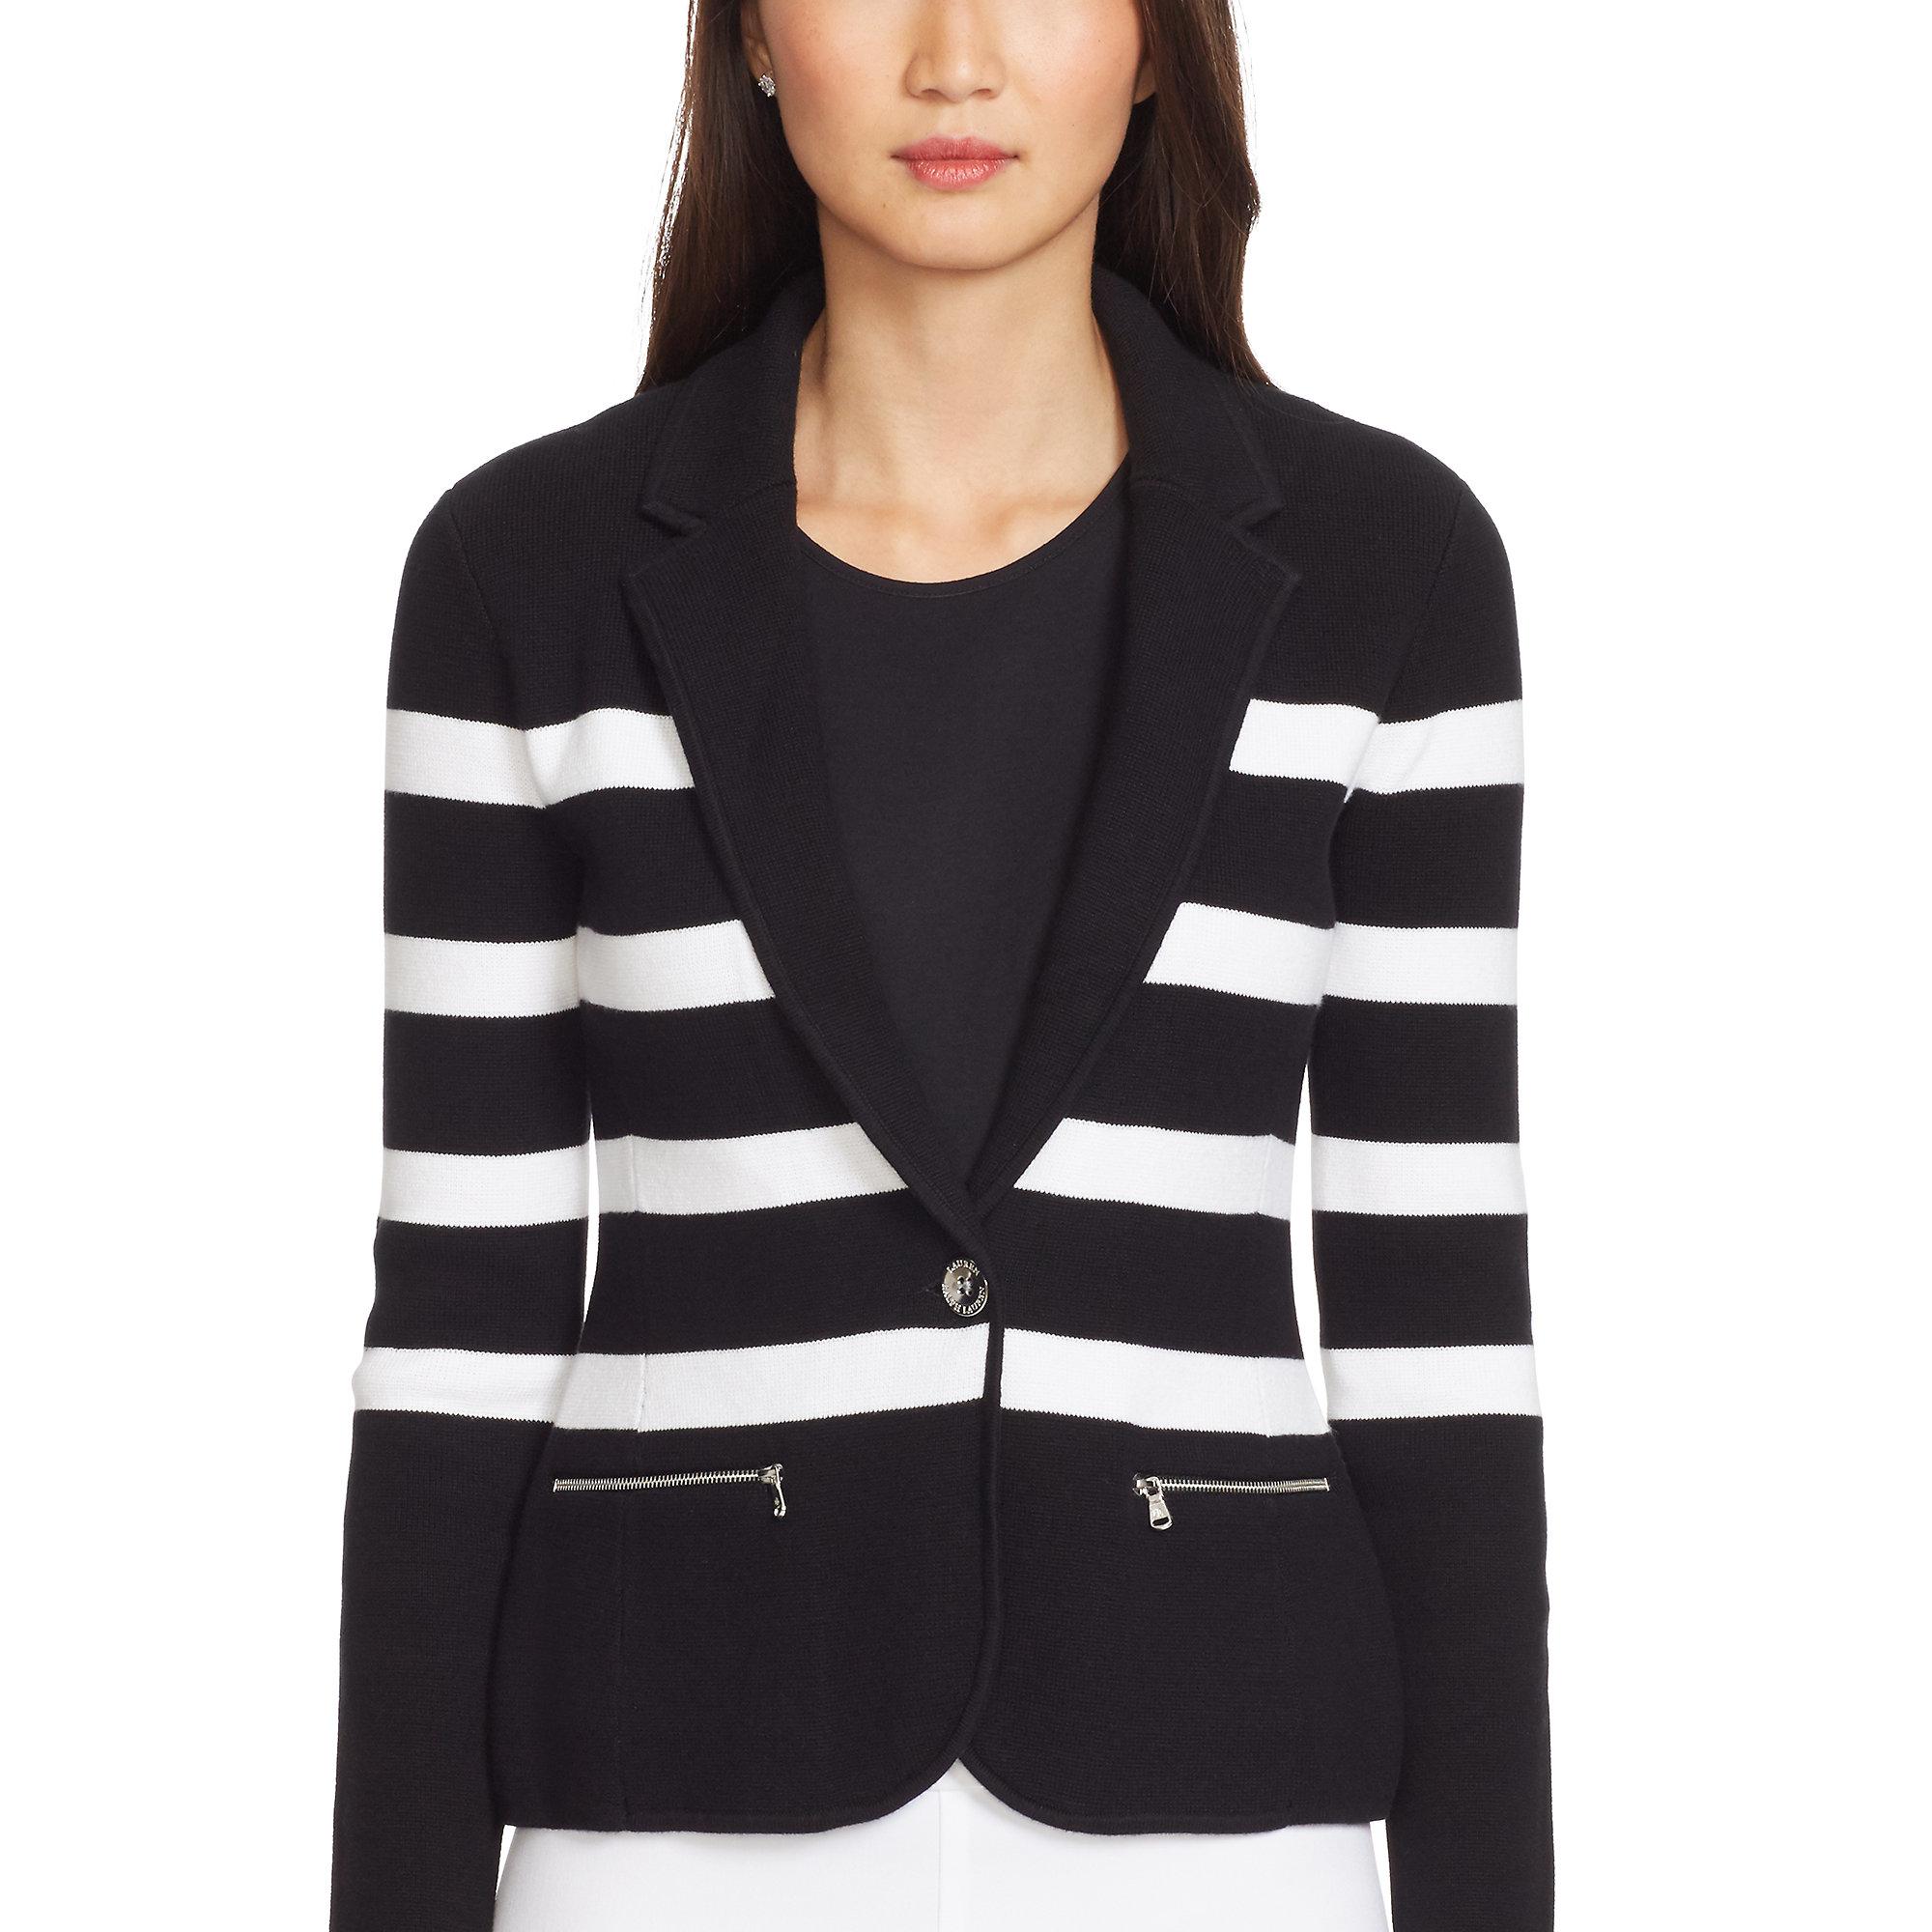 Ralph lauren Striped Cotton Sweater Blazer in White | Lyst